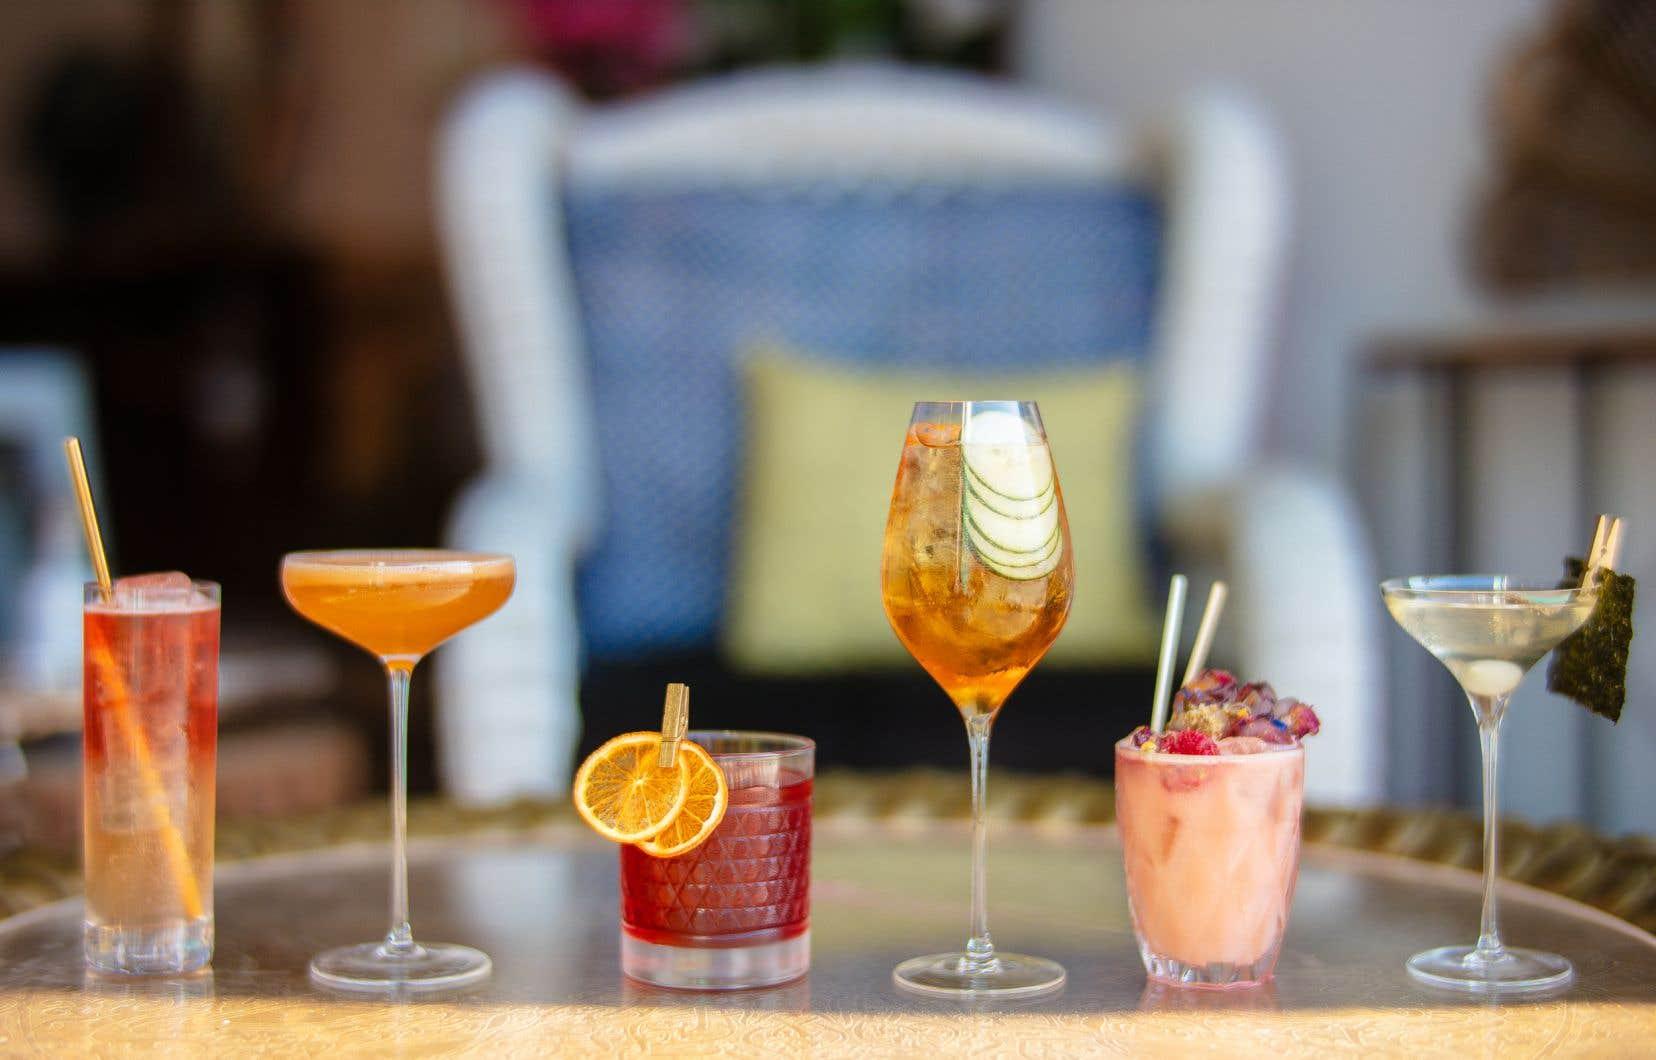 L'offre d'alcools québécois a explosé dans les dernières années, de quoi donner envie de s'initier à l'art du cocktail.